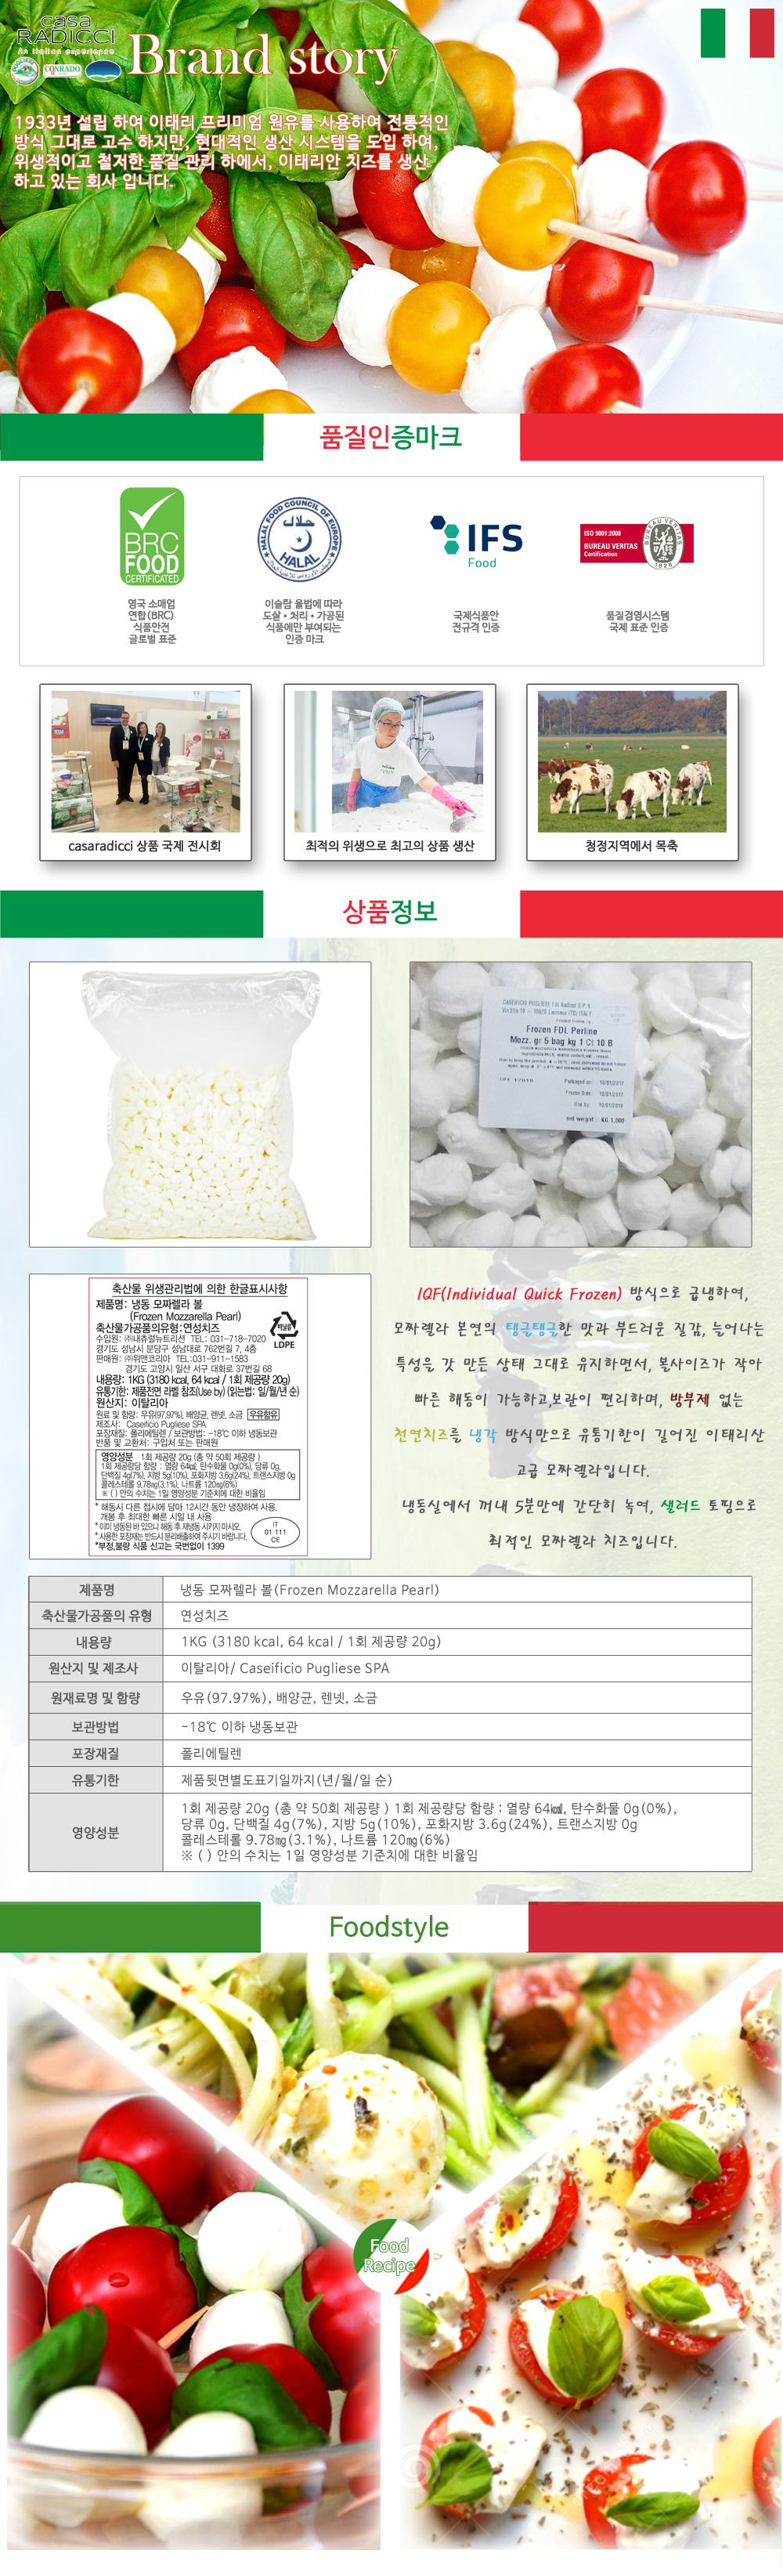 까사라디시 IQF 모짜렐라 볼(1kg) - 앵그리바디, 25,000원, 치즈, 모짜렐라/피자치즈